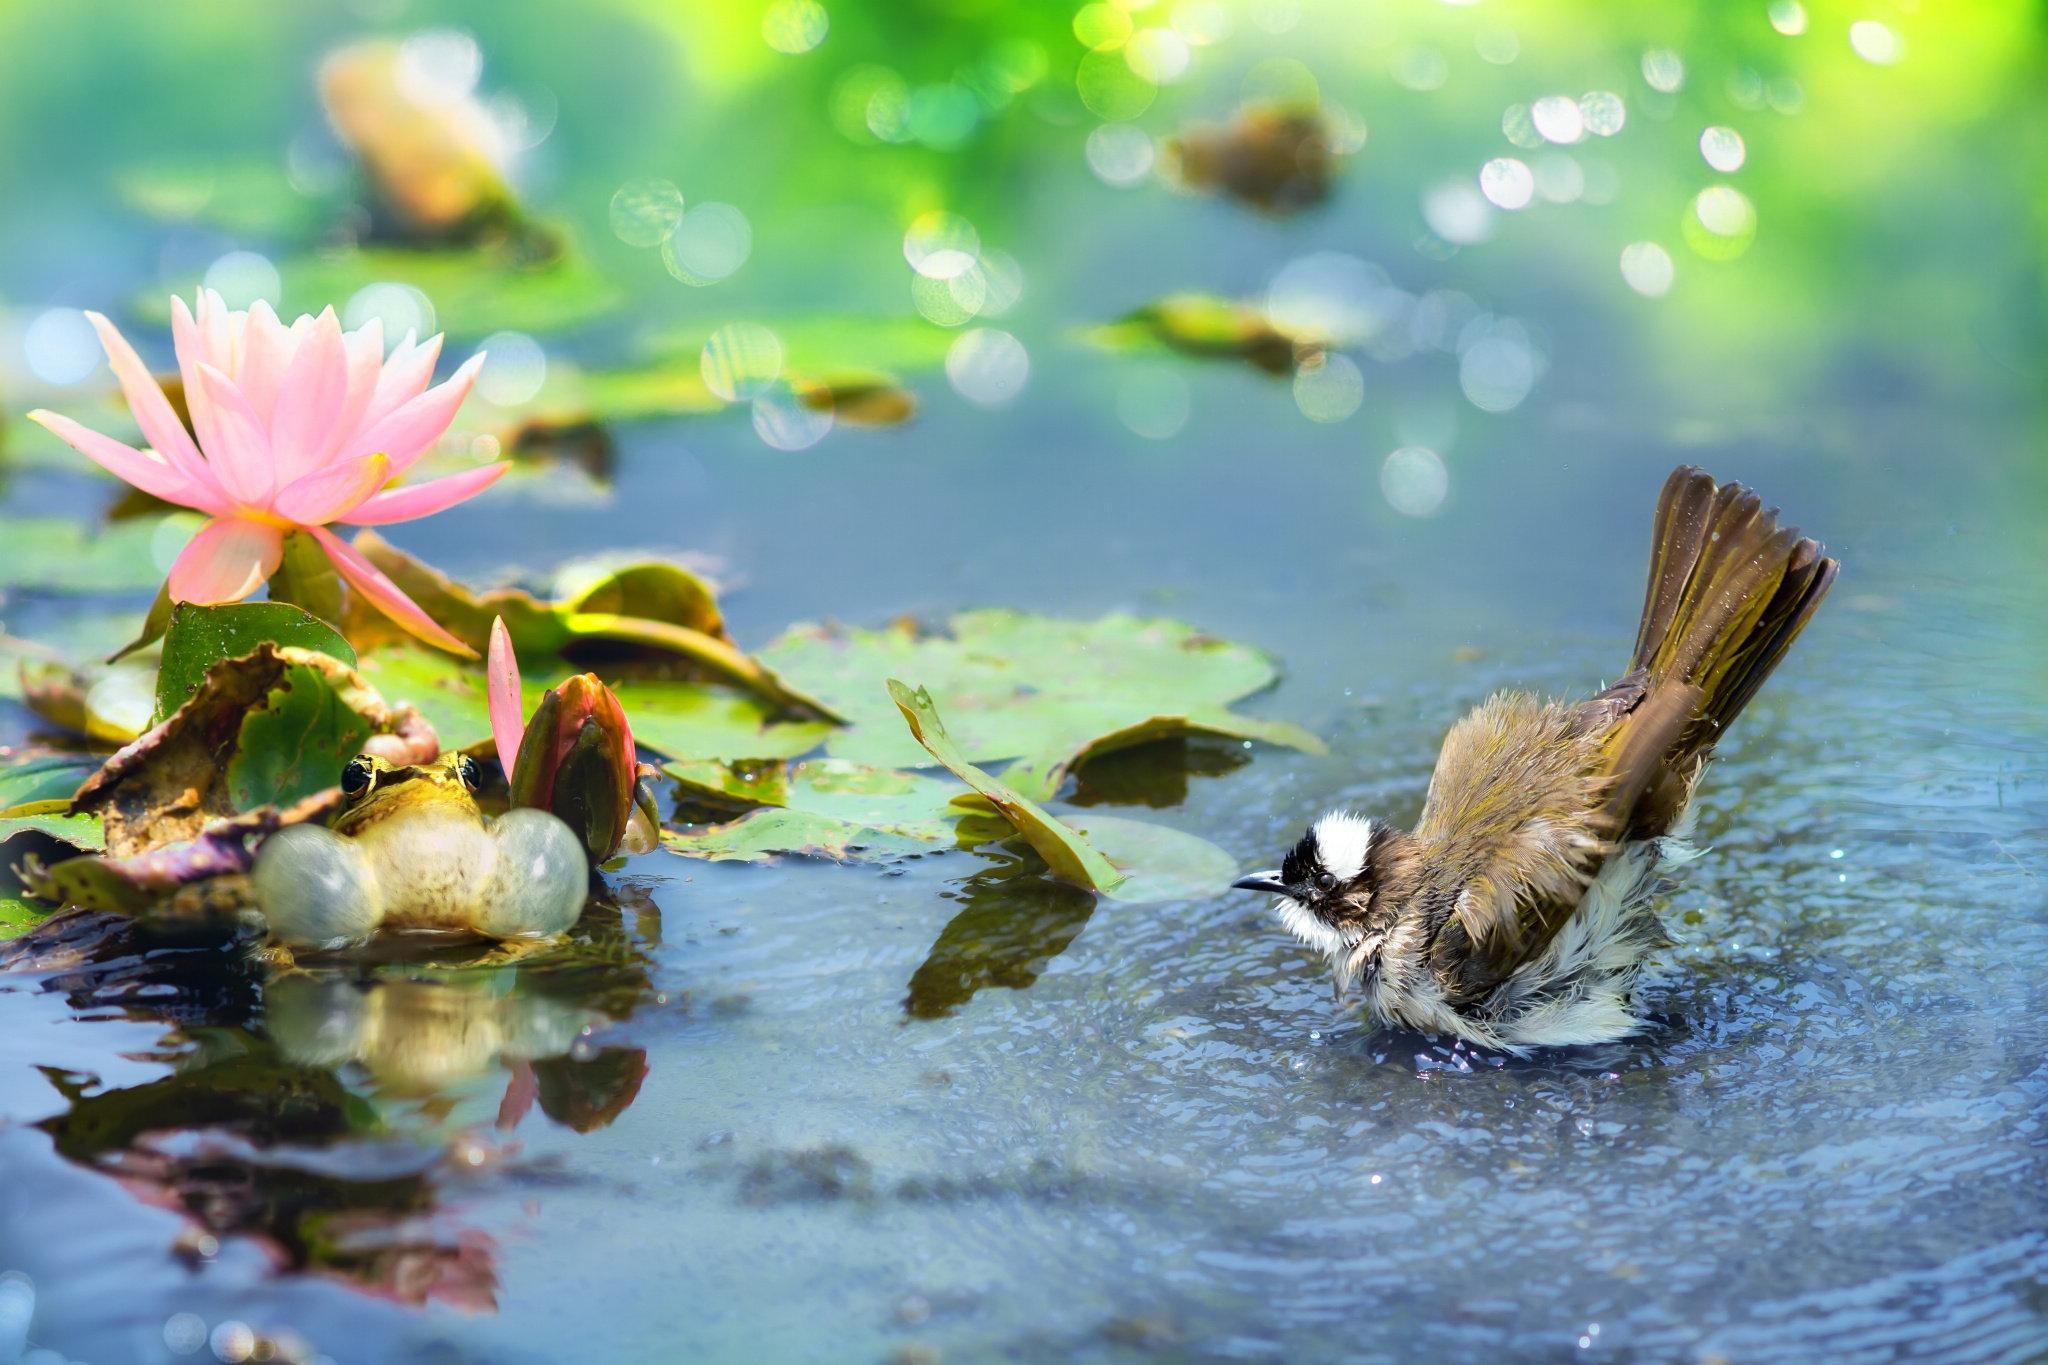 Картинки, доброе утро очень красивые открытки природой и птицами